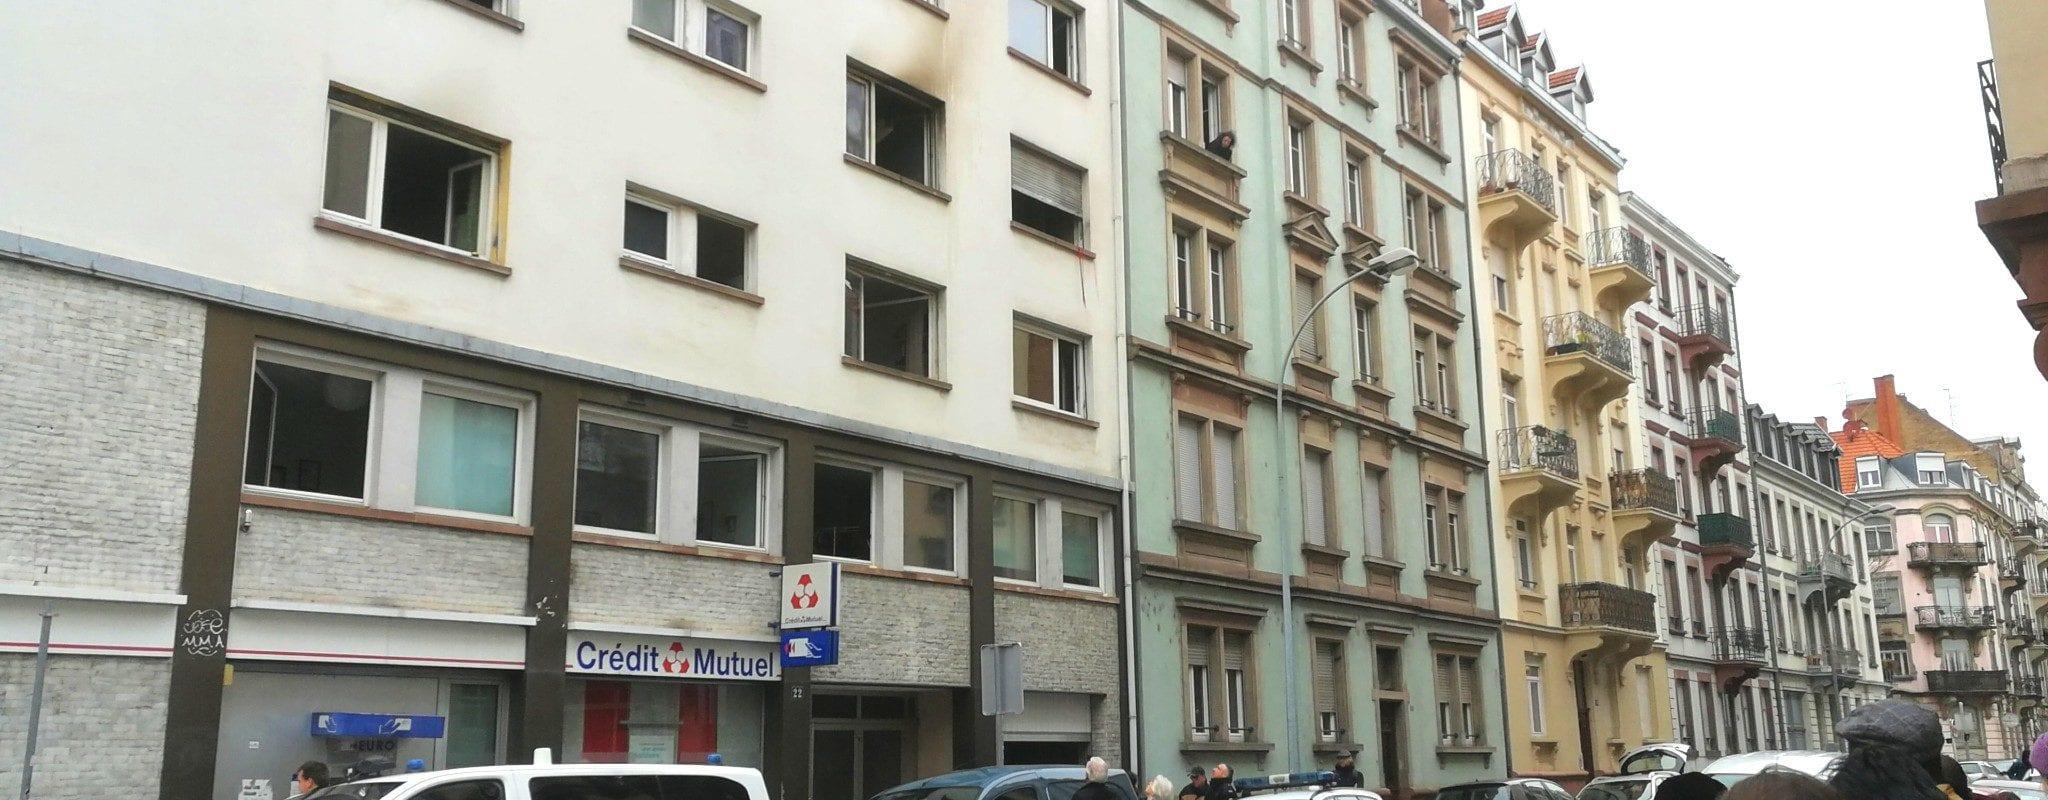 Cinq morts et sept blessés dans un incendie d'immeuble